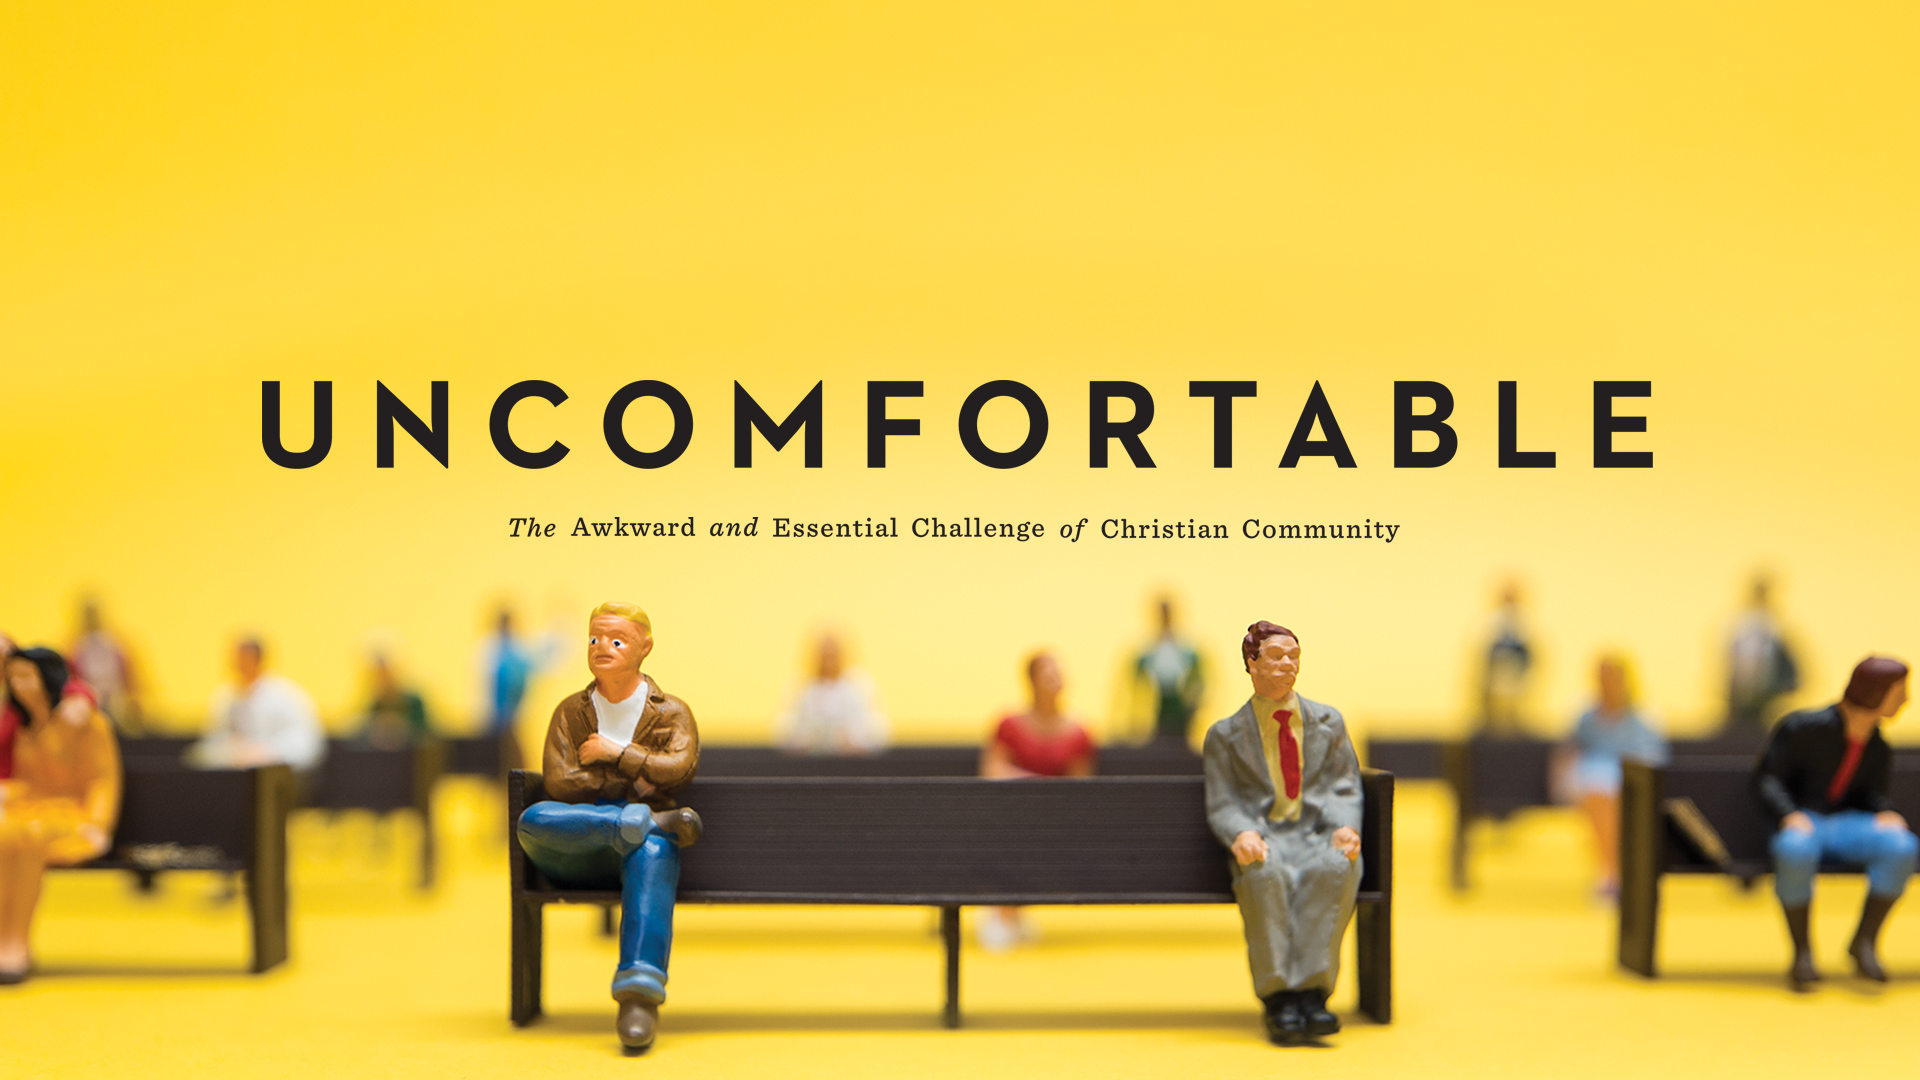 Uncomfortable_Title-Slide.jpg